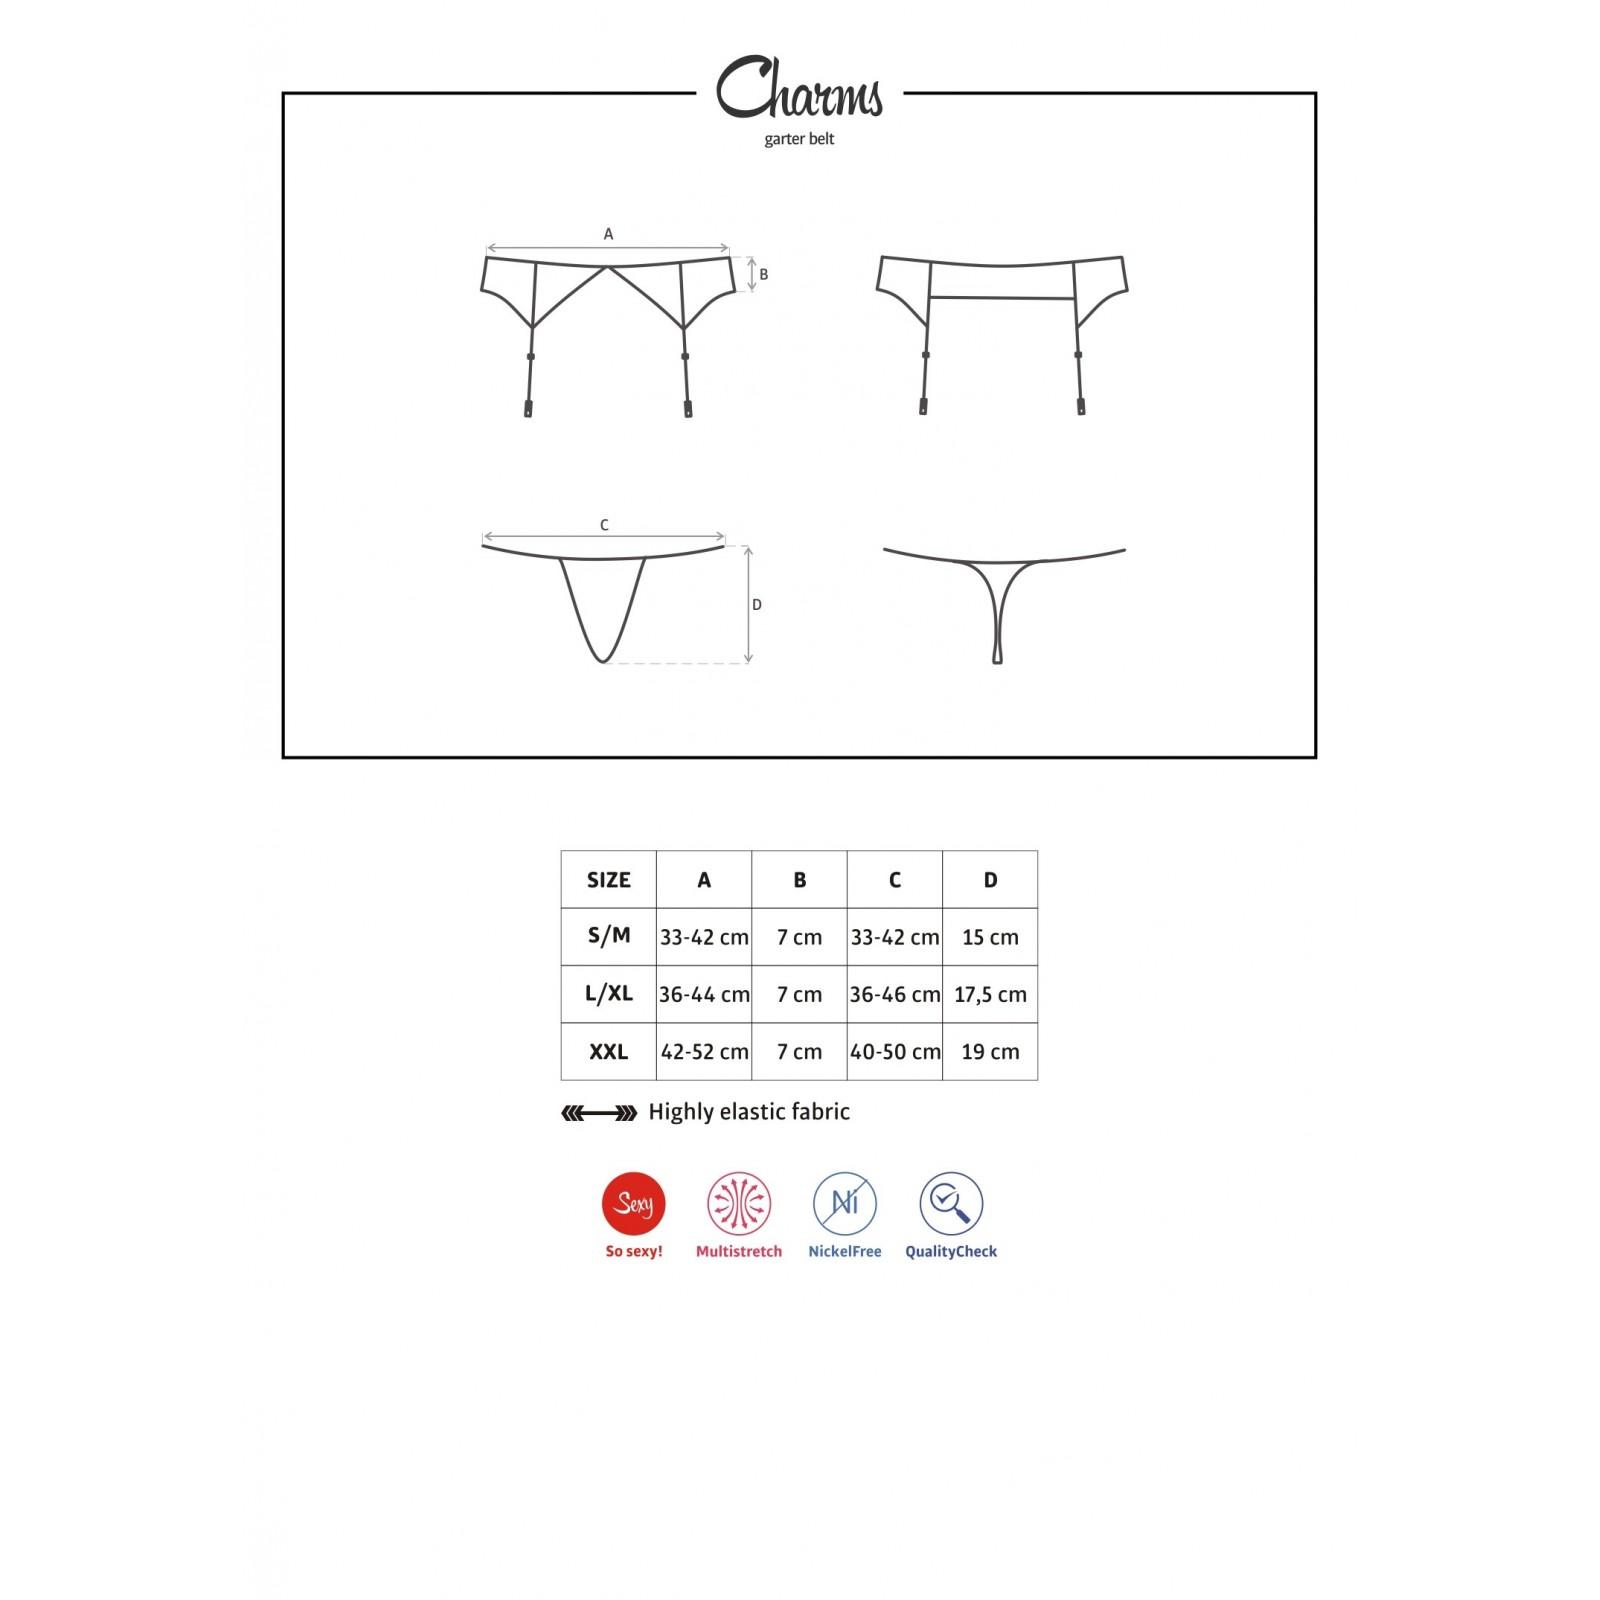 Charms Garter Belt & String schwarz - 3 - Vorschaubild